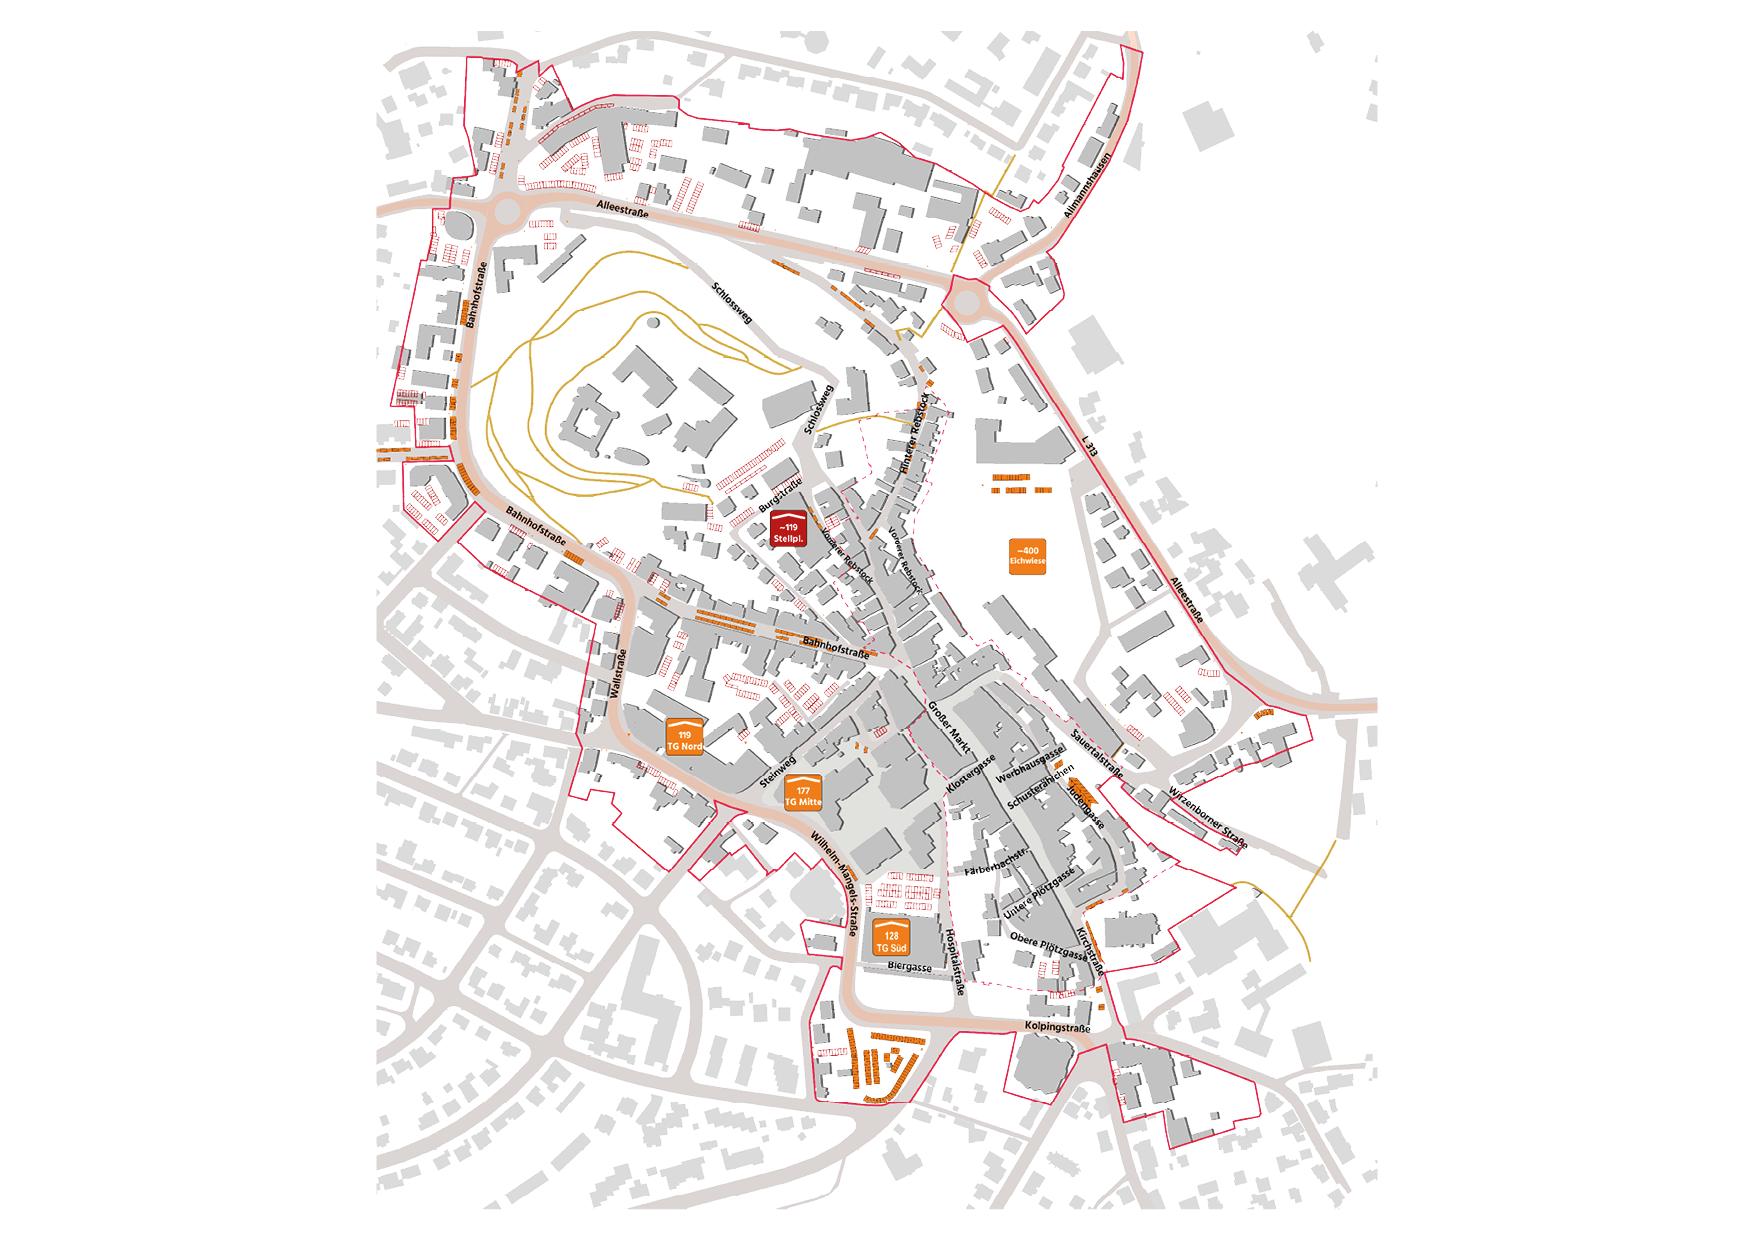 Montabaur Integriertes Städtebauliches Entwicklungskonzept ISEK Parken ruhender Verkehr Parkplätze Karte